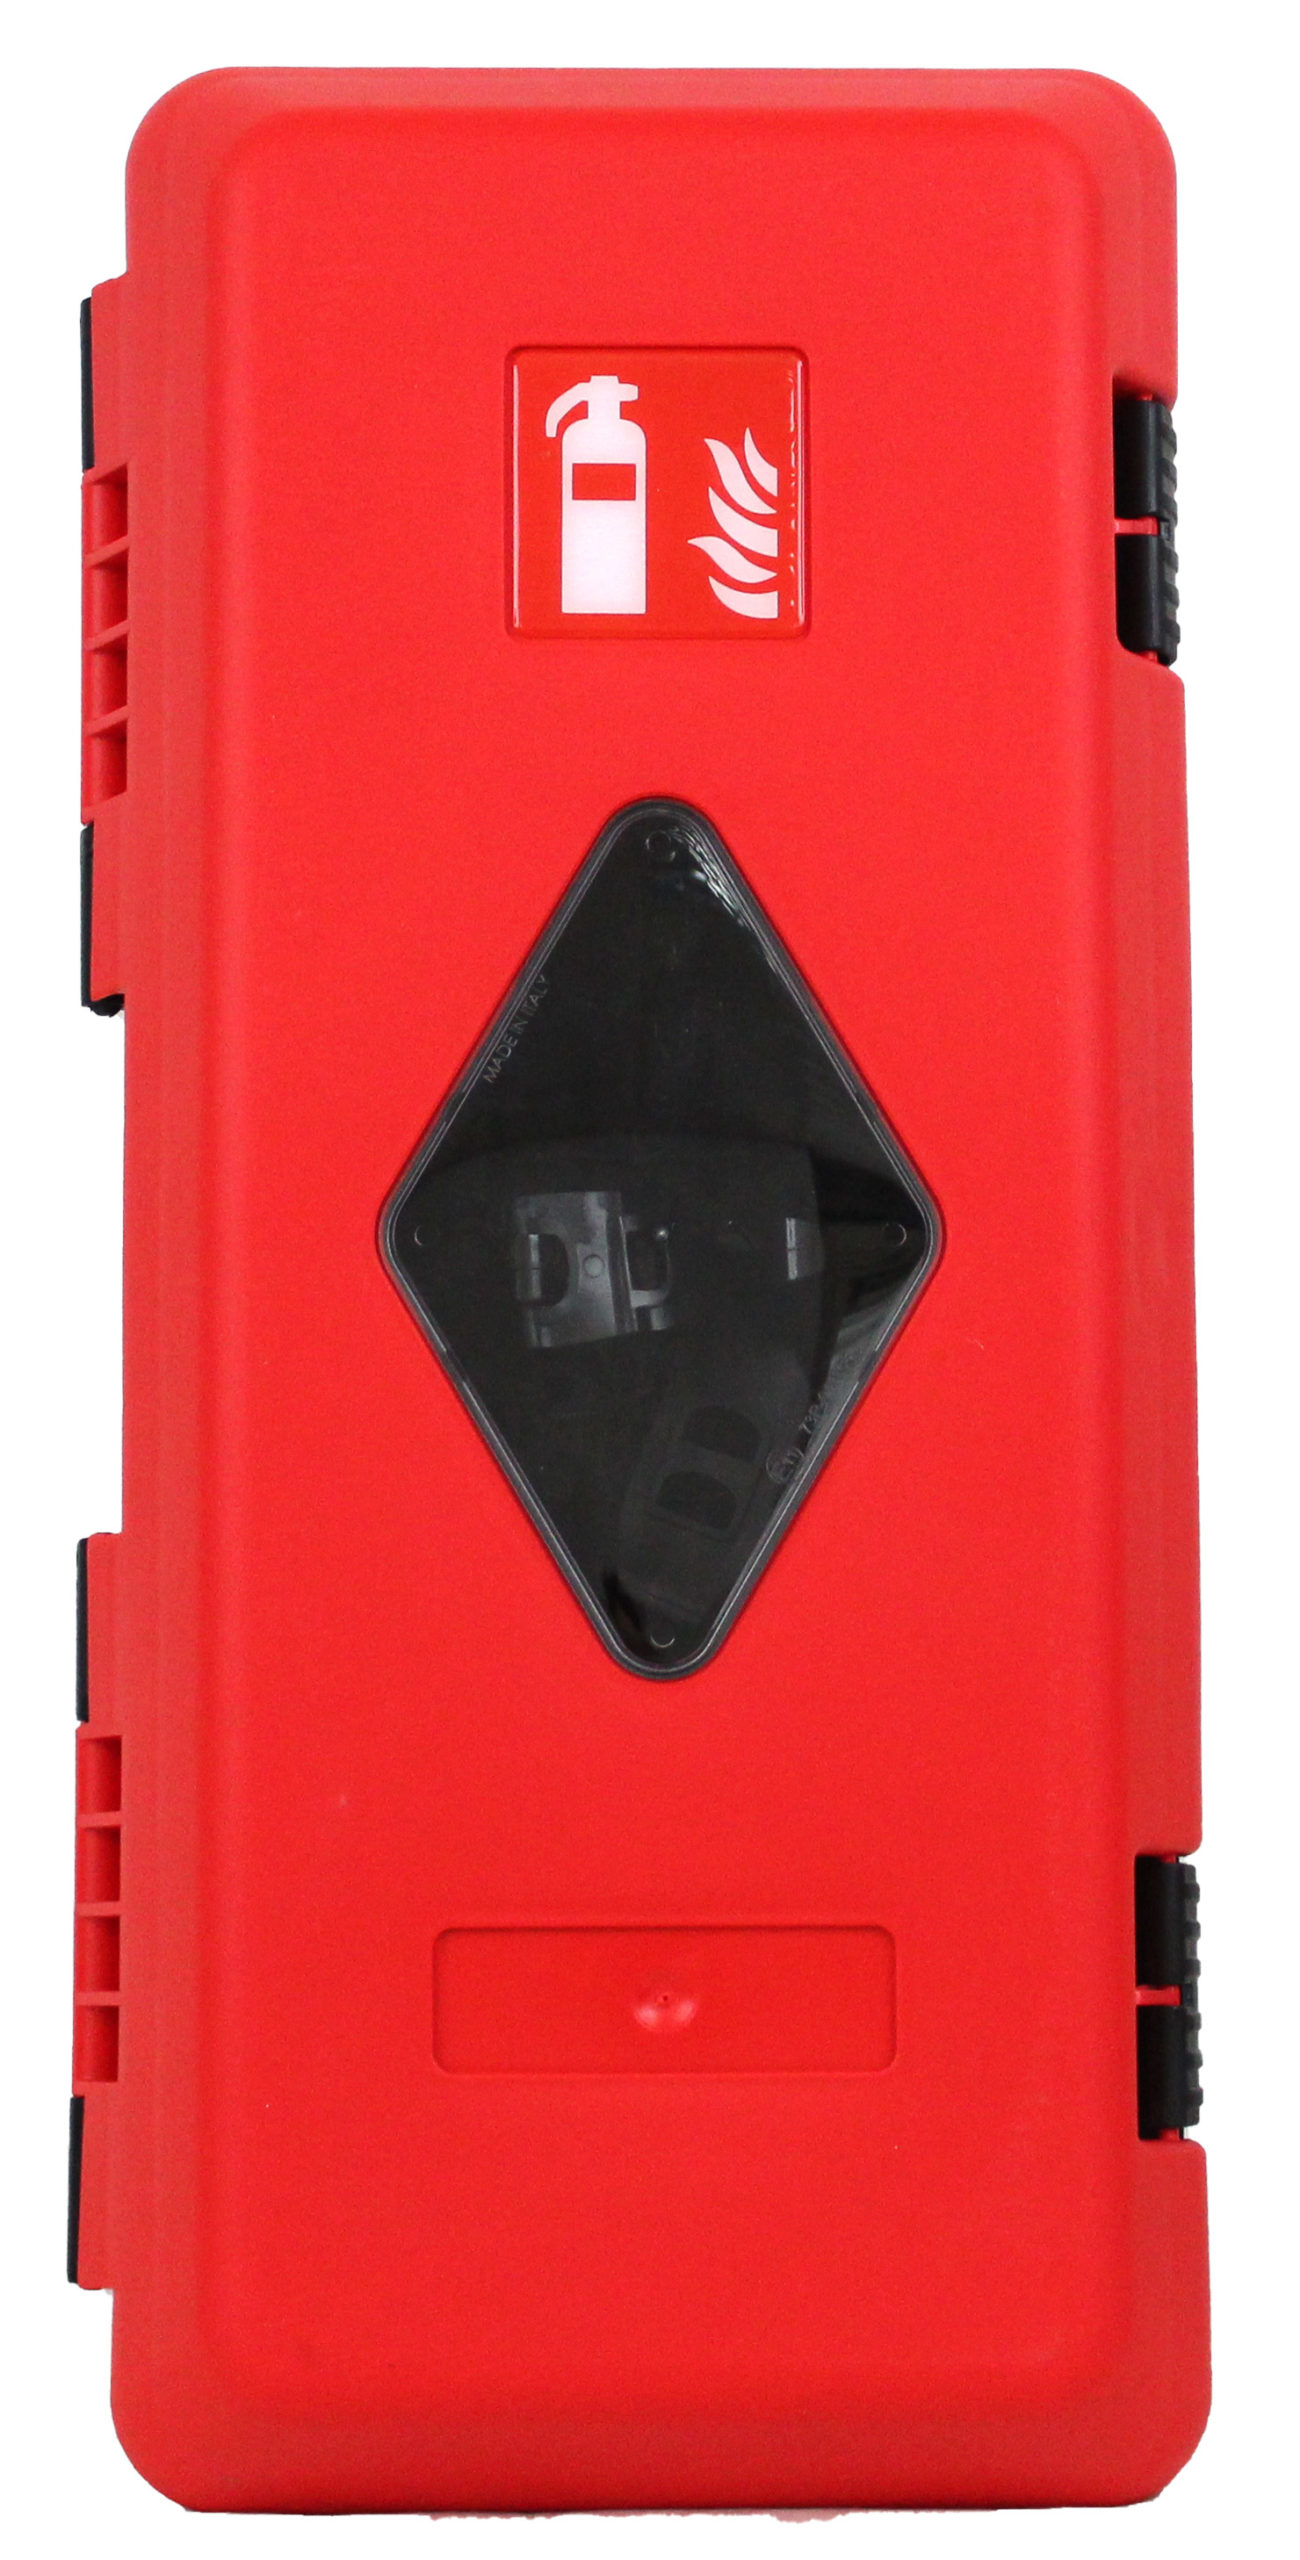 Beschermkast BT71 voor blustoestellen t/m 9  kg of ltr.